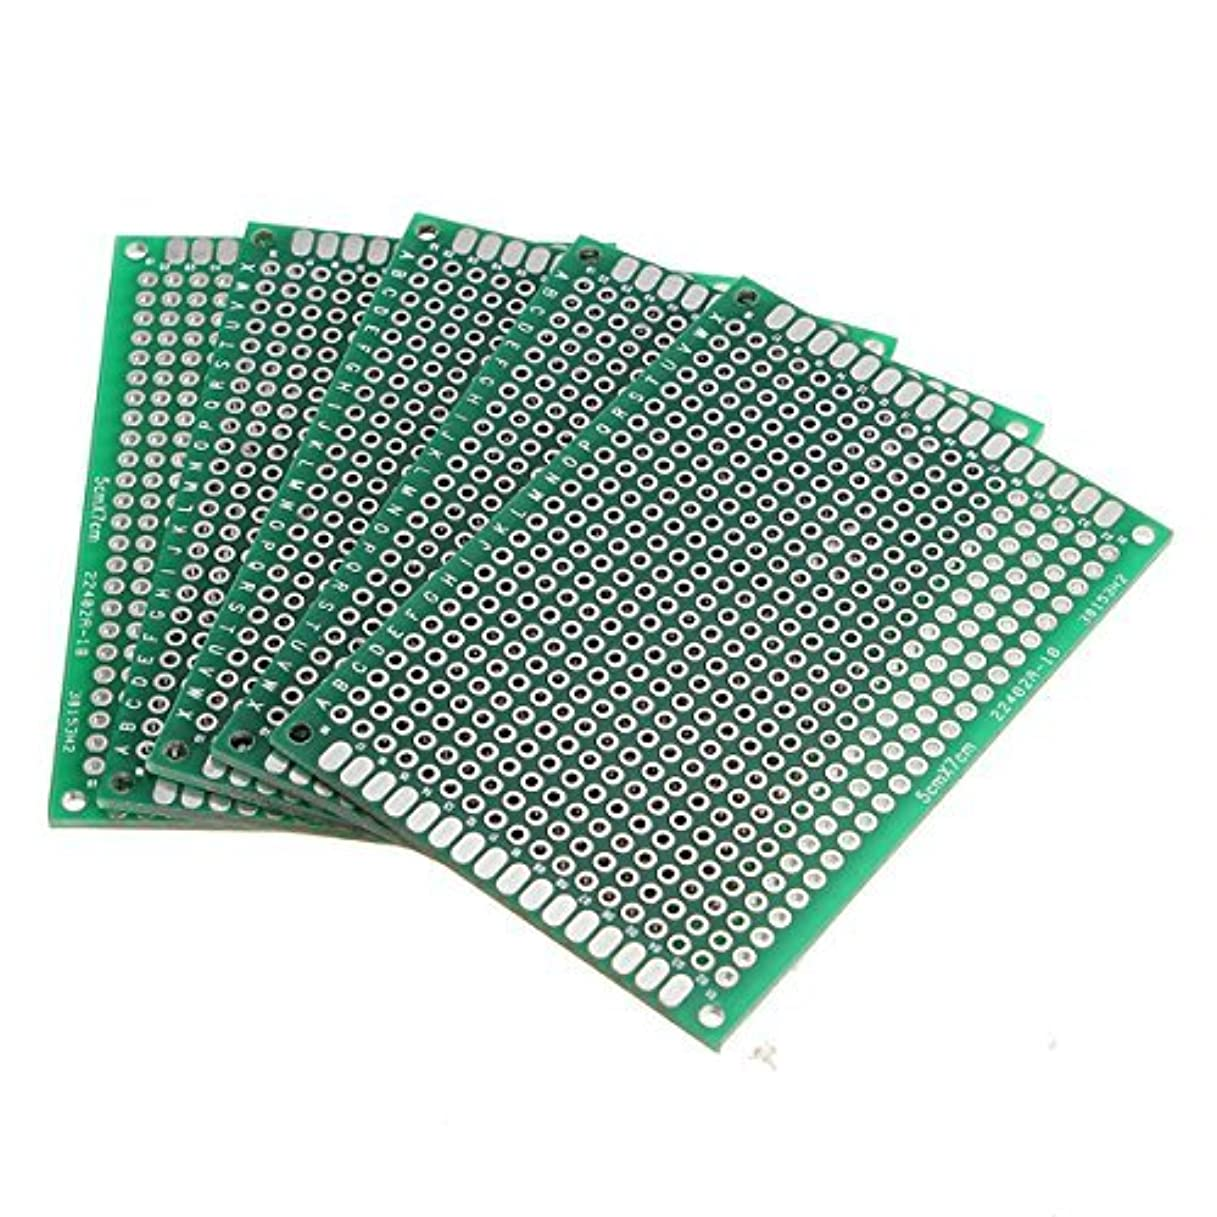 有名染料エレメンタルElec4U セット両面スズメッキ ユニバーサルプロトタイピングボード, はんだ付け可能 ユニバーサルプリント 回路基板,ブレッドボード , プロジェクトサーキット (5x7cm 5枚)